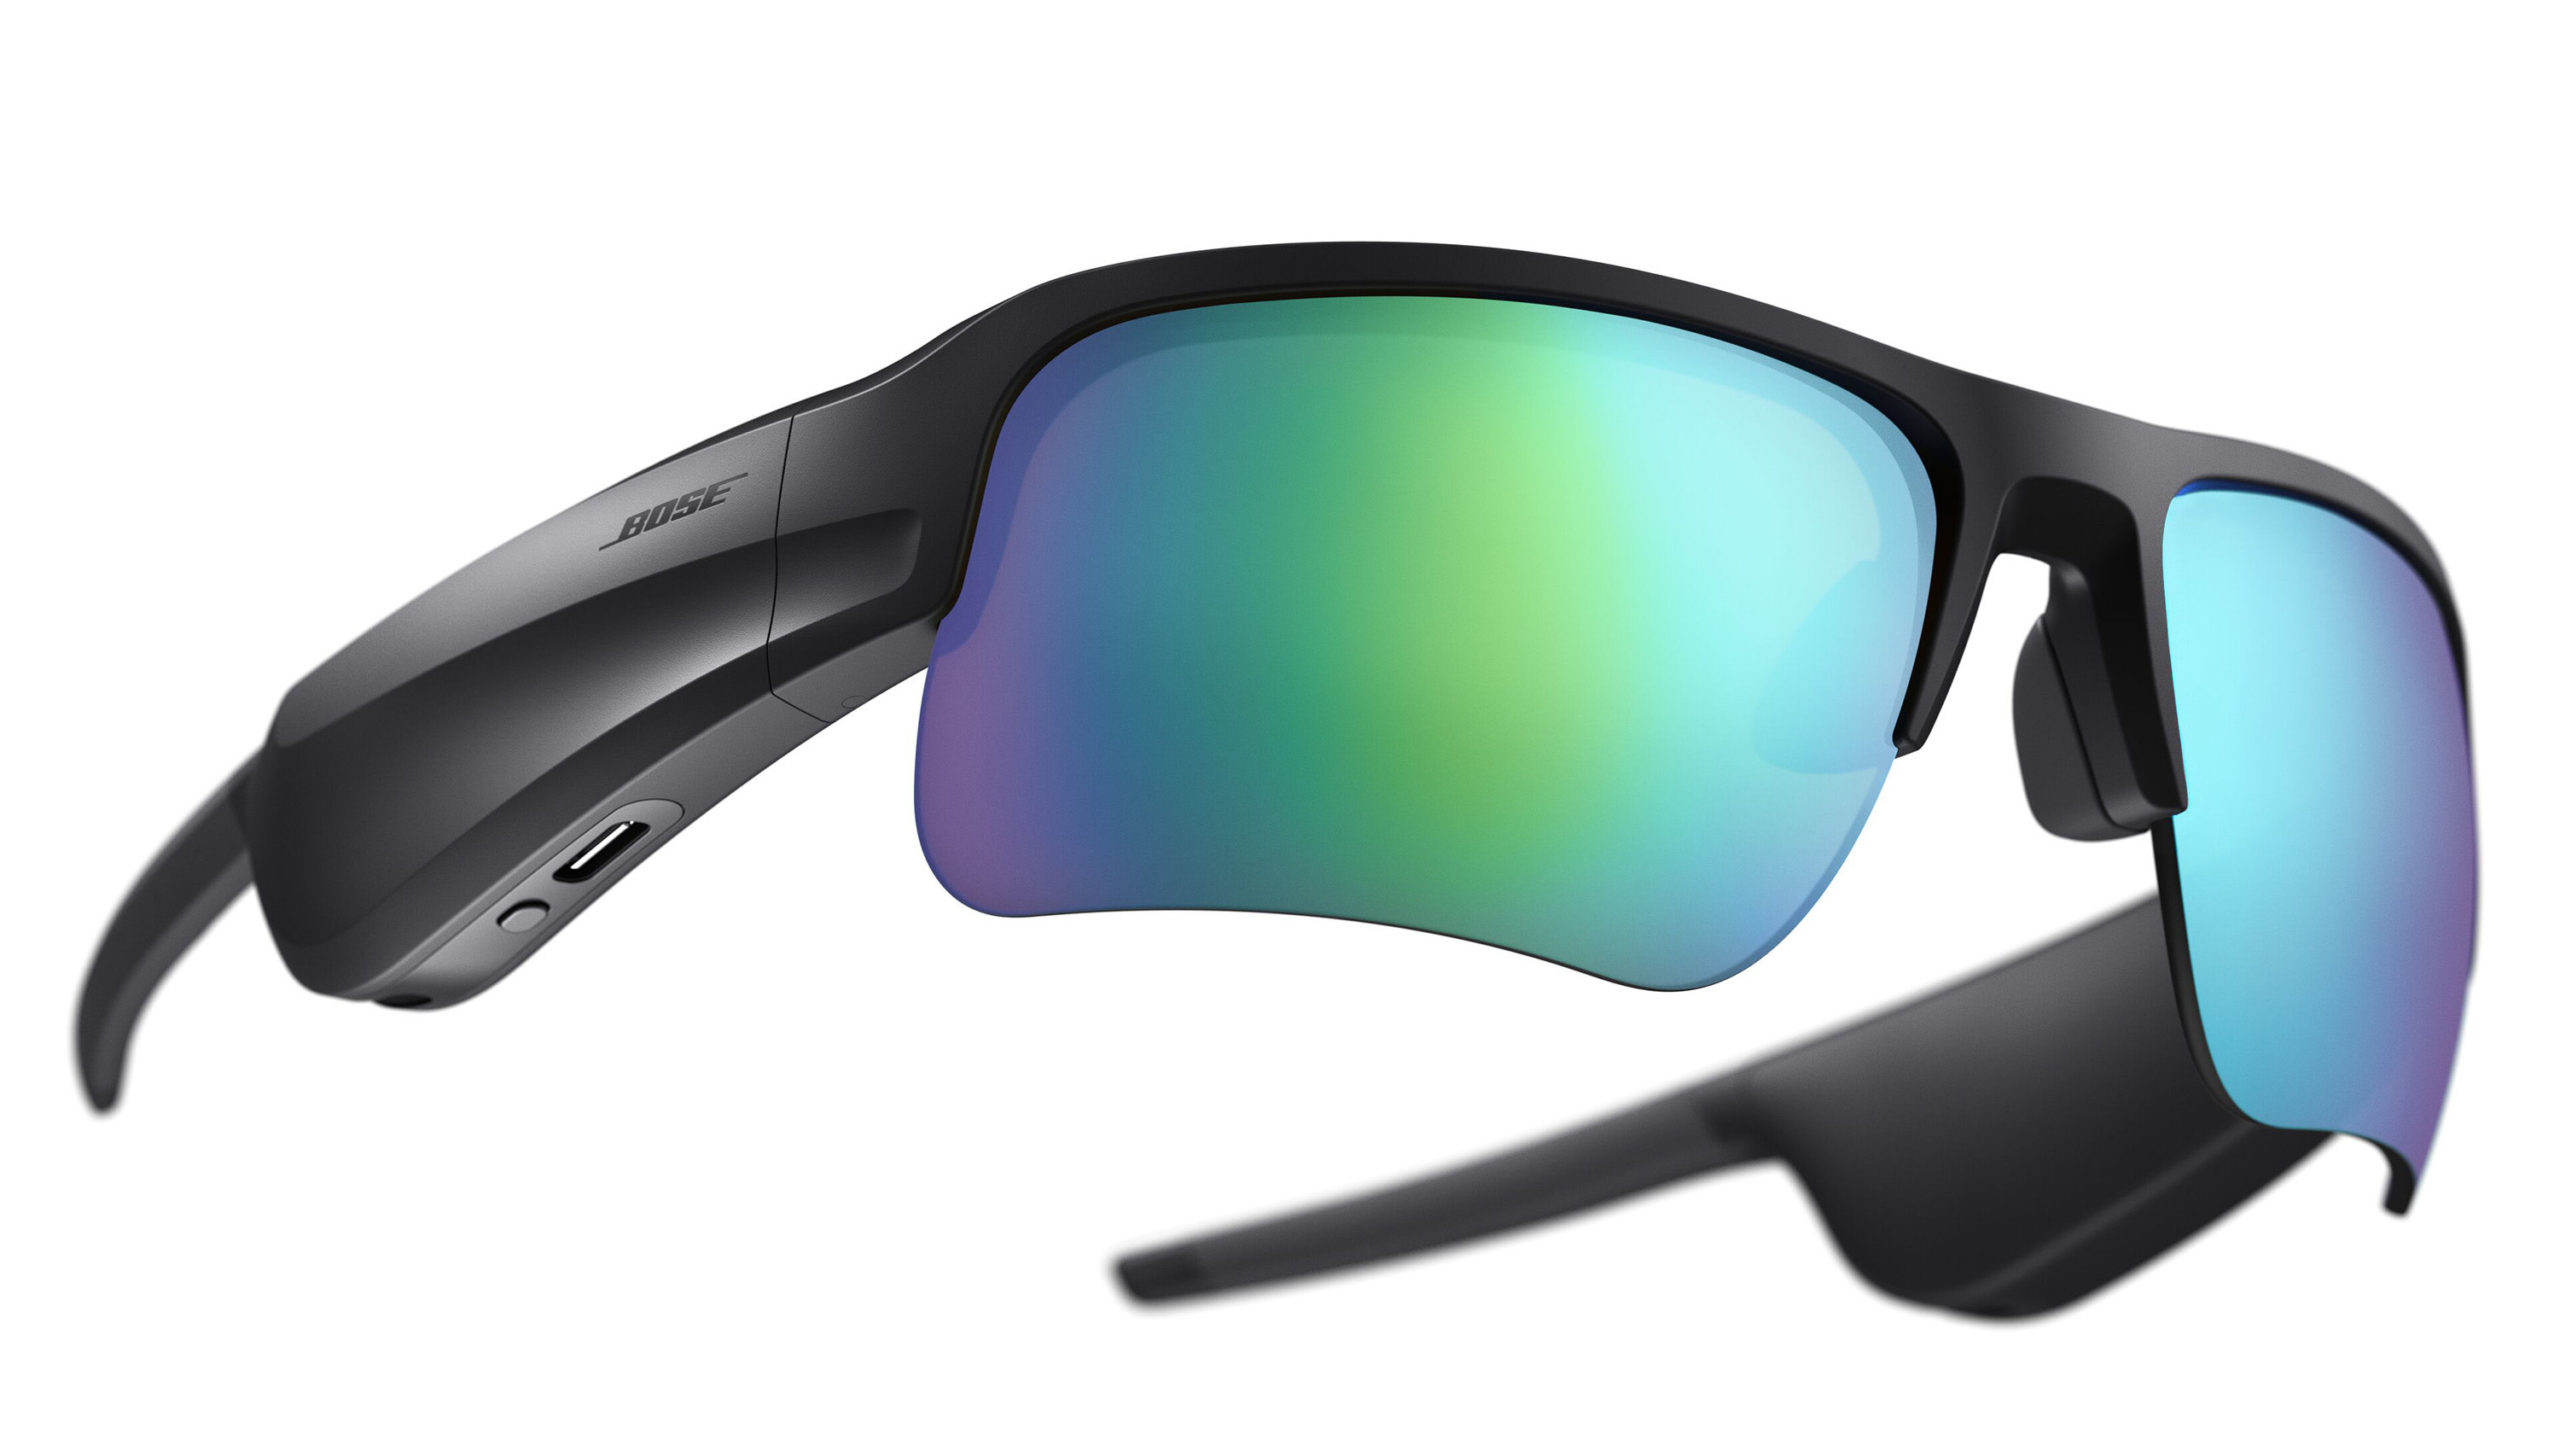 Óculos Frame Tempo, da Bose